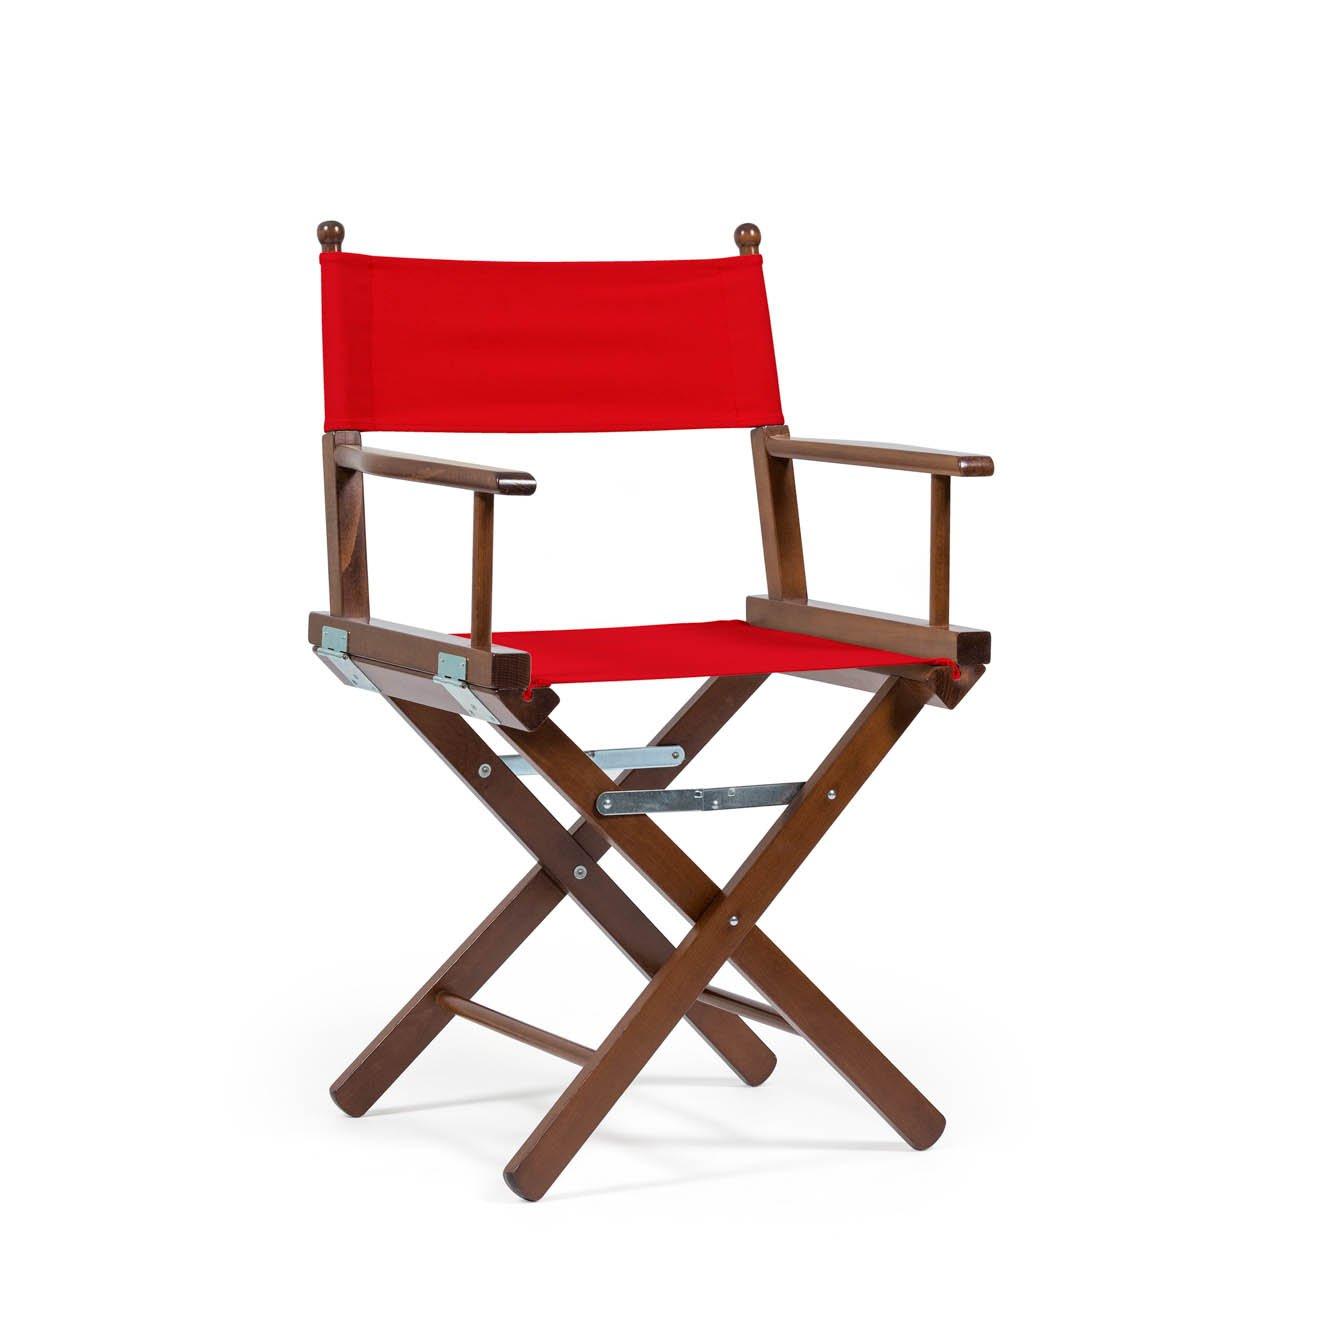 Telami Outlet zusammenklappbar Buche Teak Holz Regiestuhl Made in Italien – Outdoor – Möbel – 52 x 46 x 91,5 cm rot